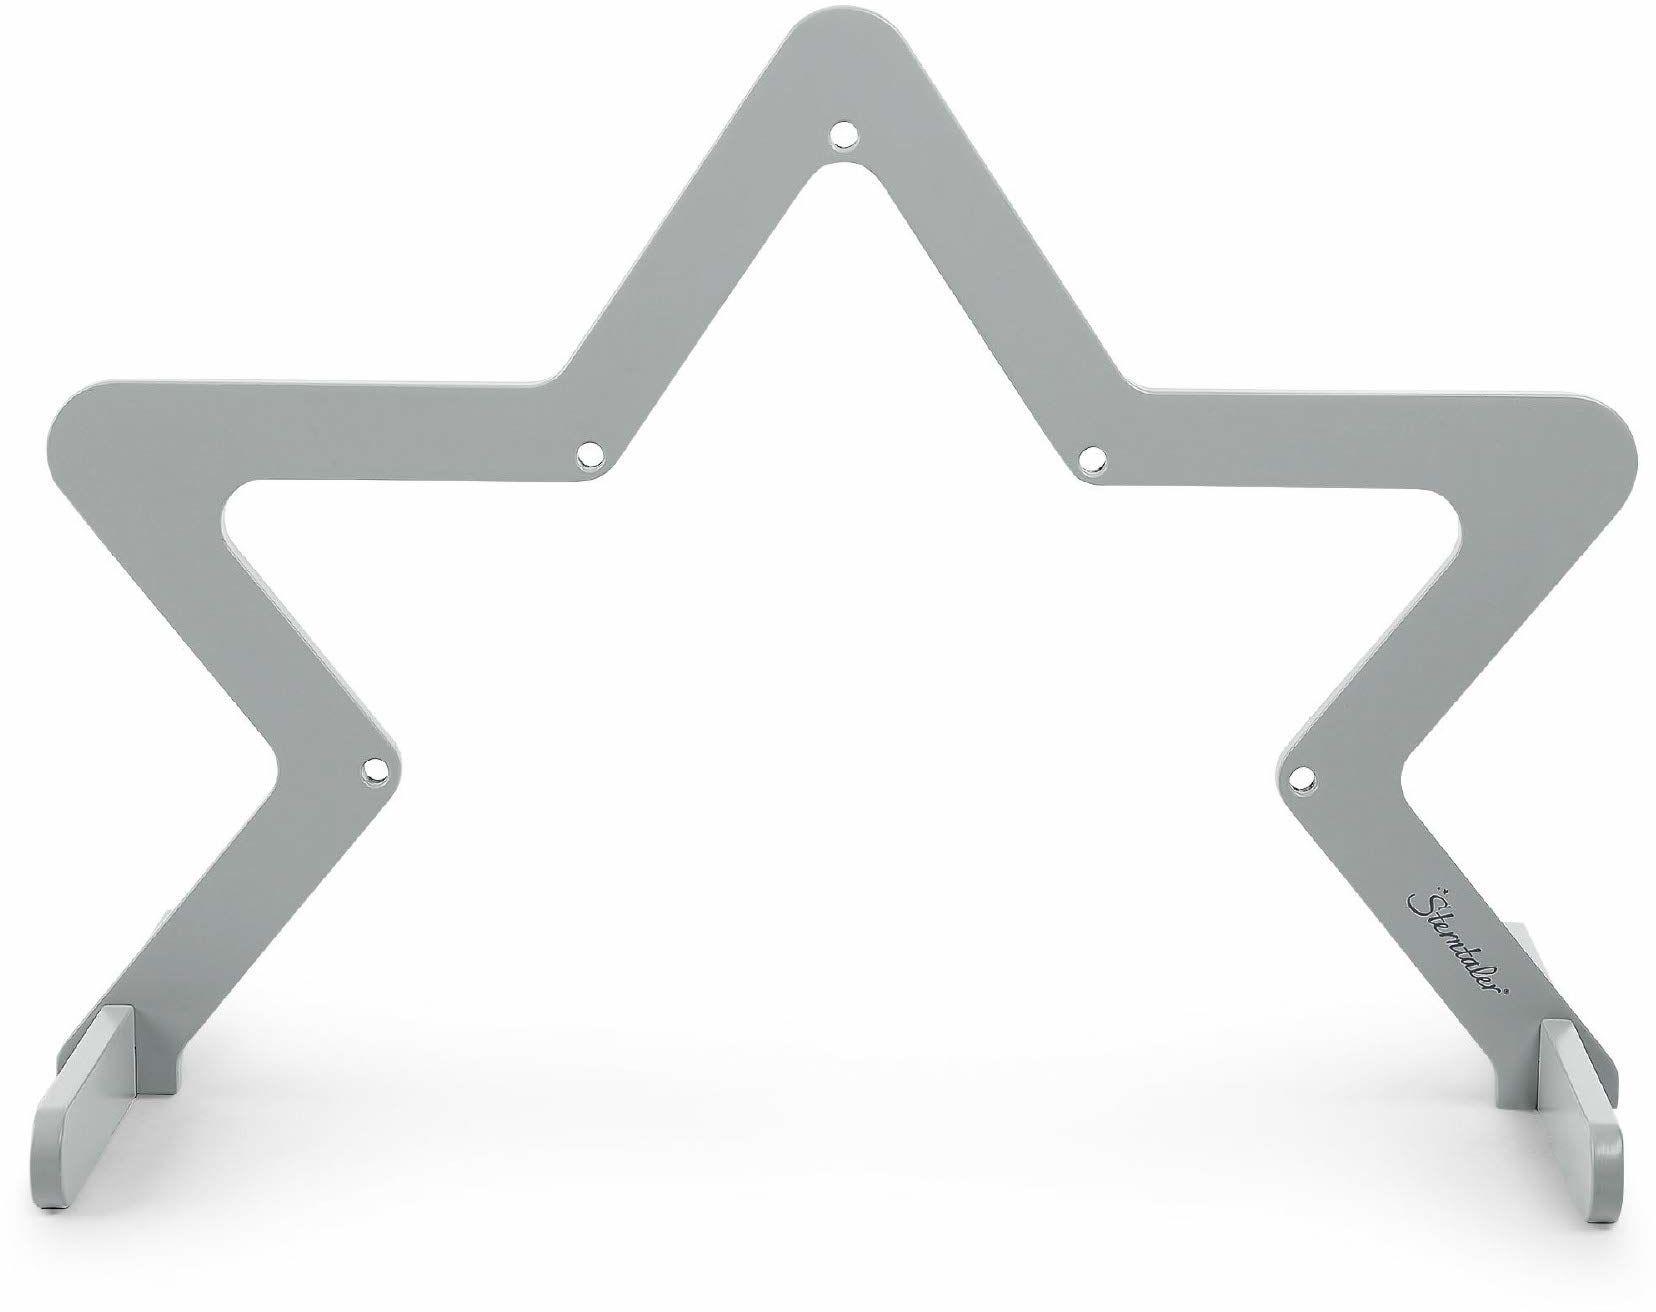 Sterntaler Łuk do zabawy gwiazda, drewno, wiek: 0-18 miesięcy, 63 x 90 x 49 cm, szary